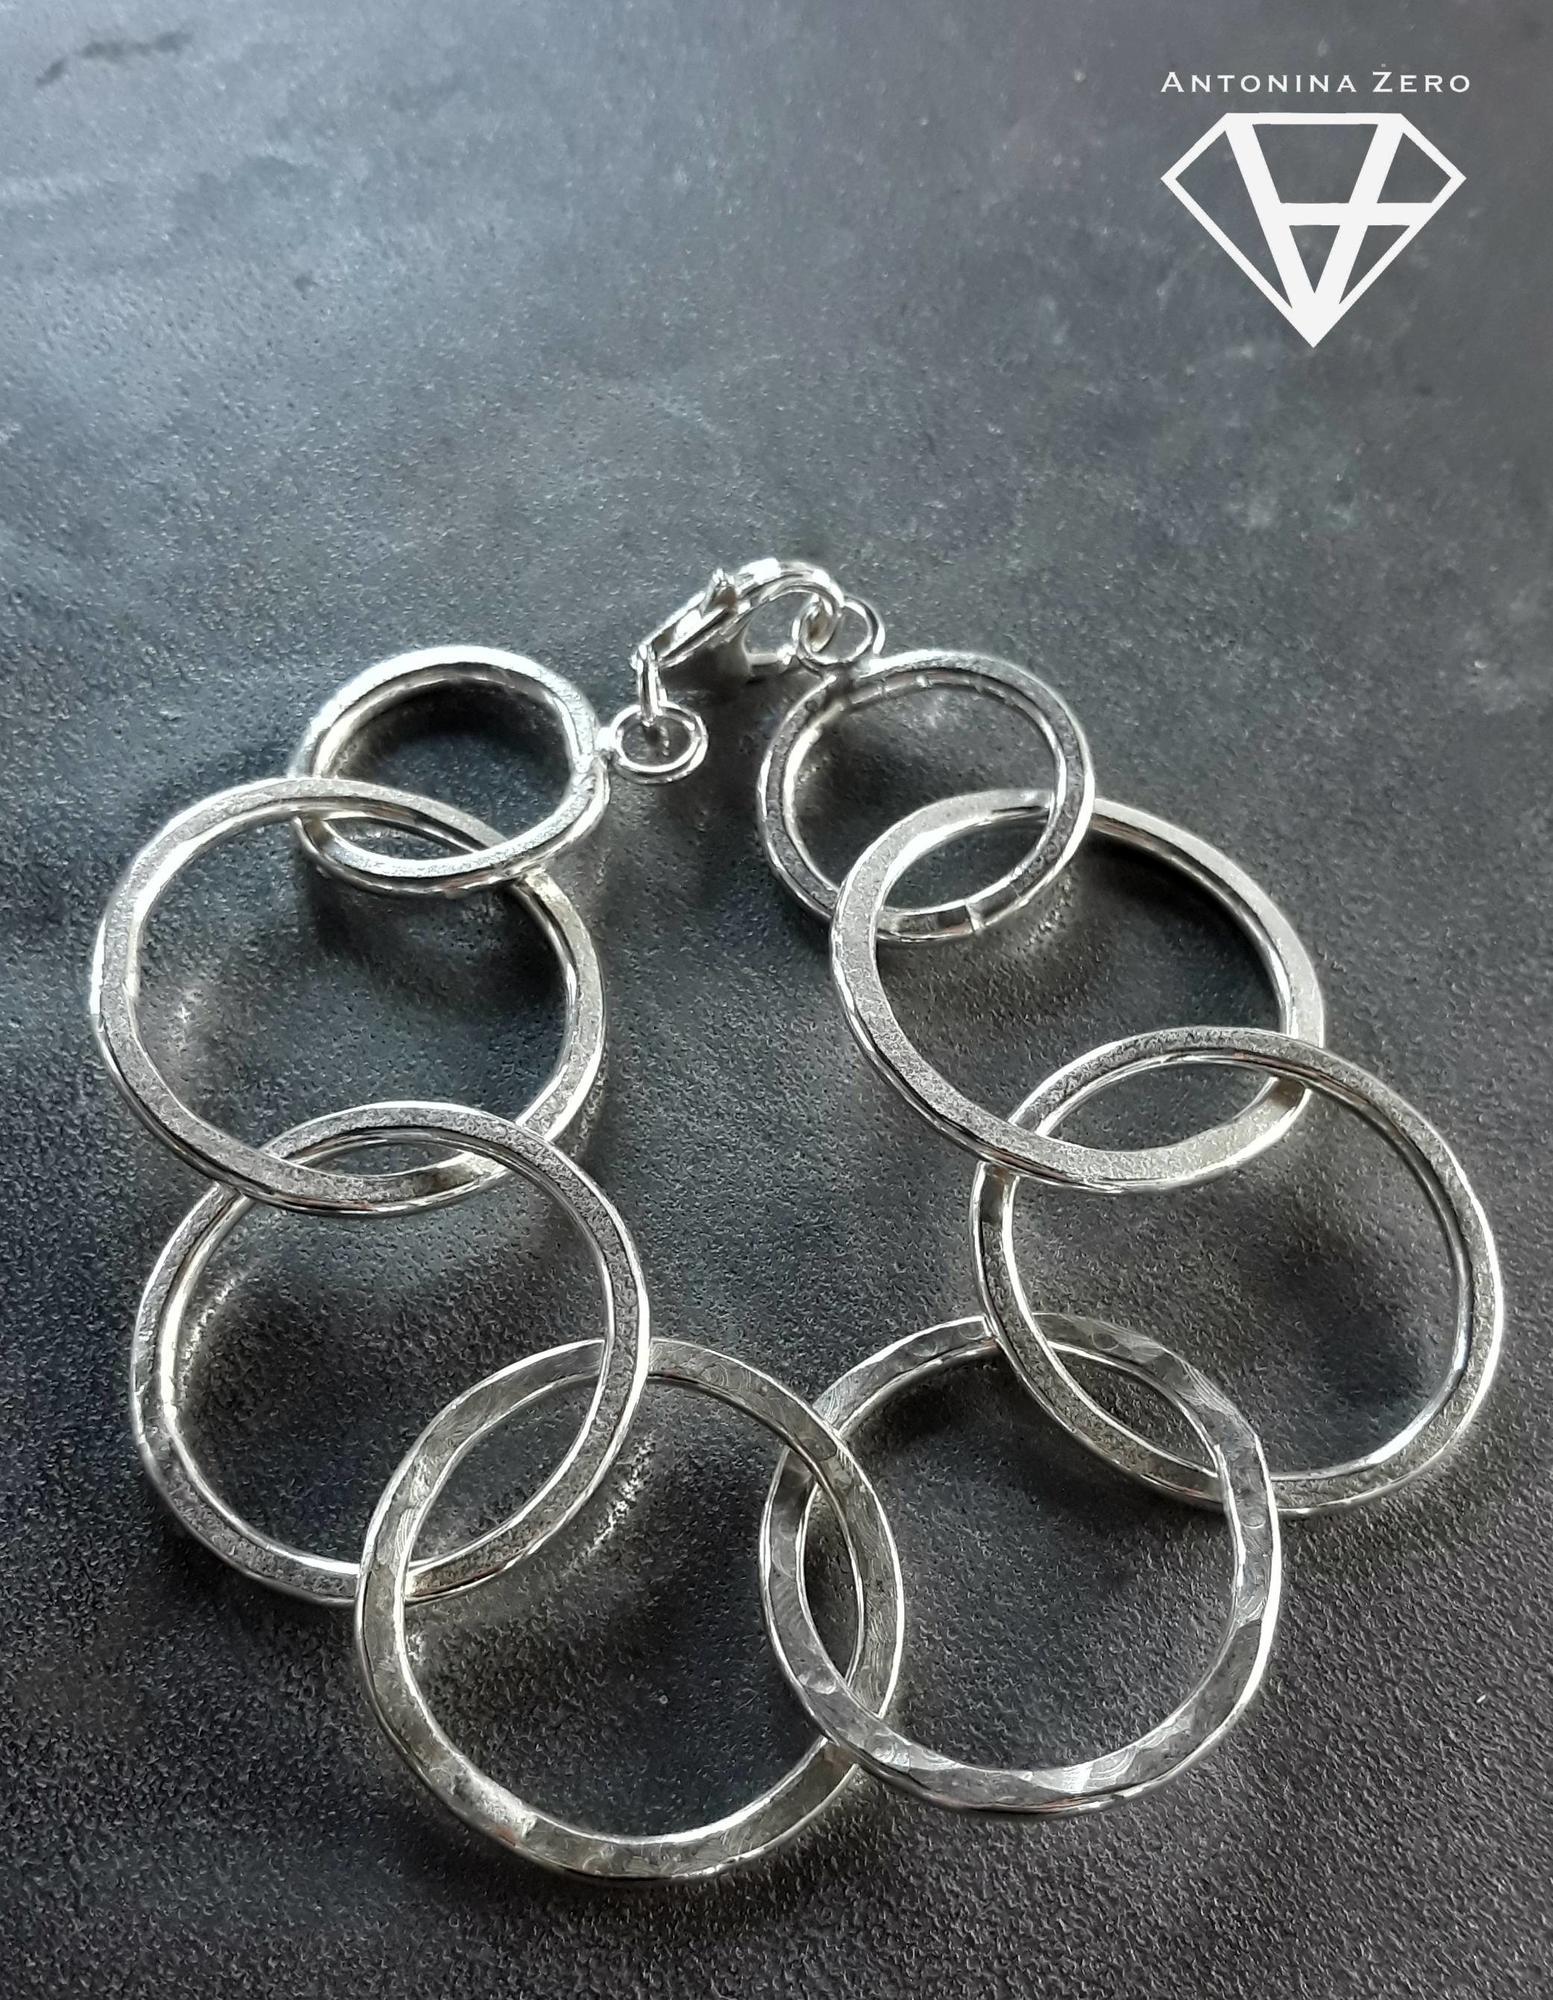 A-geometria - Antonina Żero biżuteria i formy złotnicze